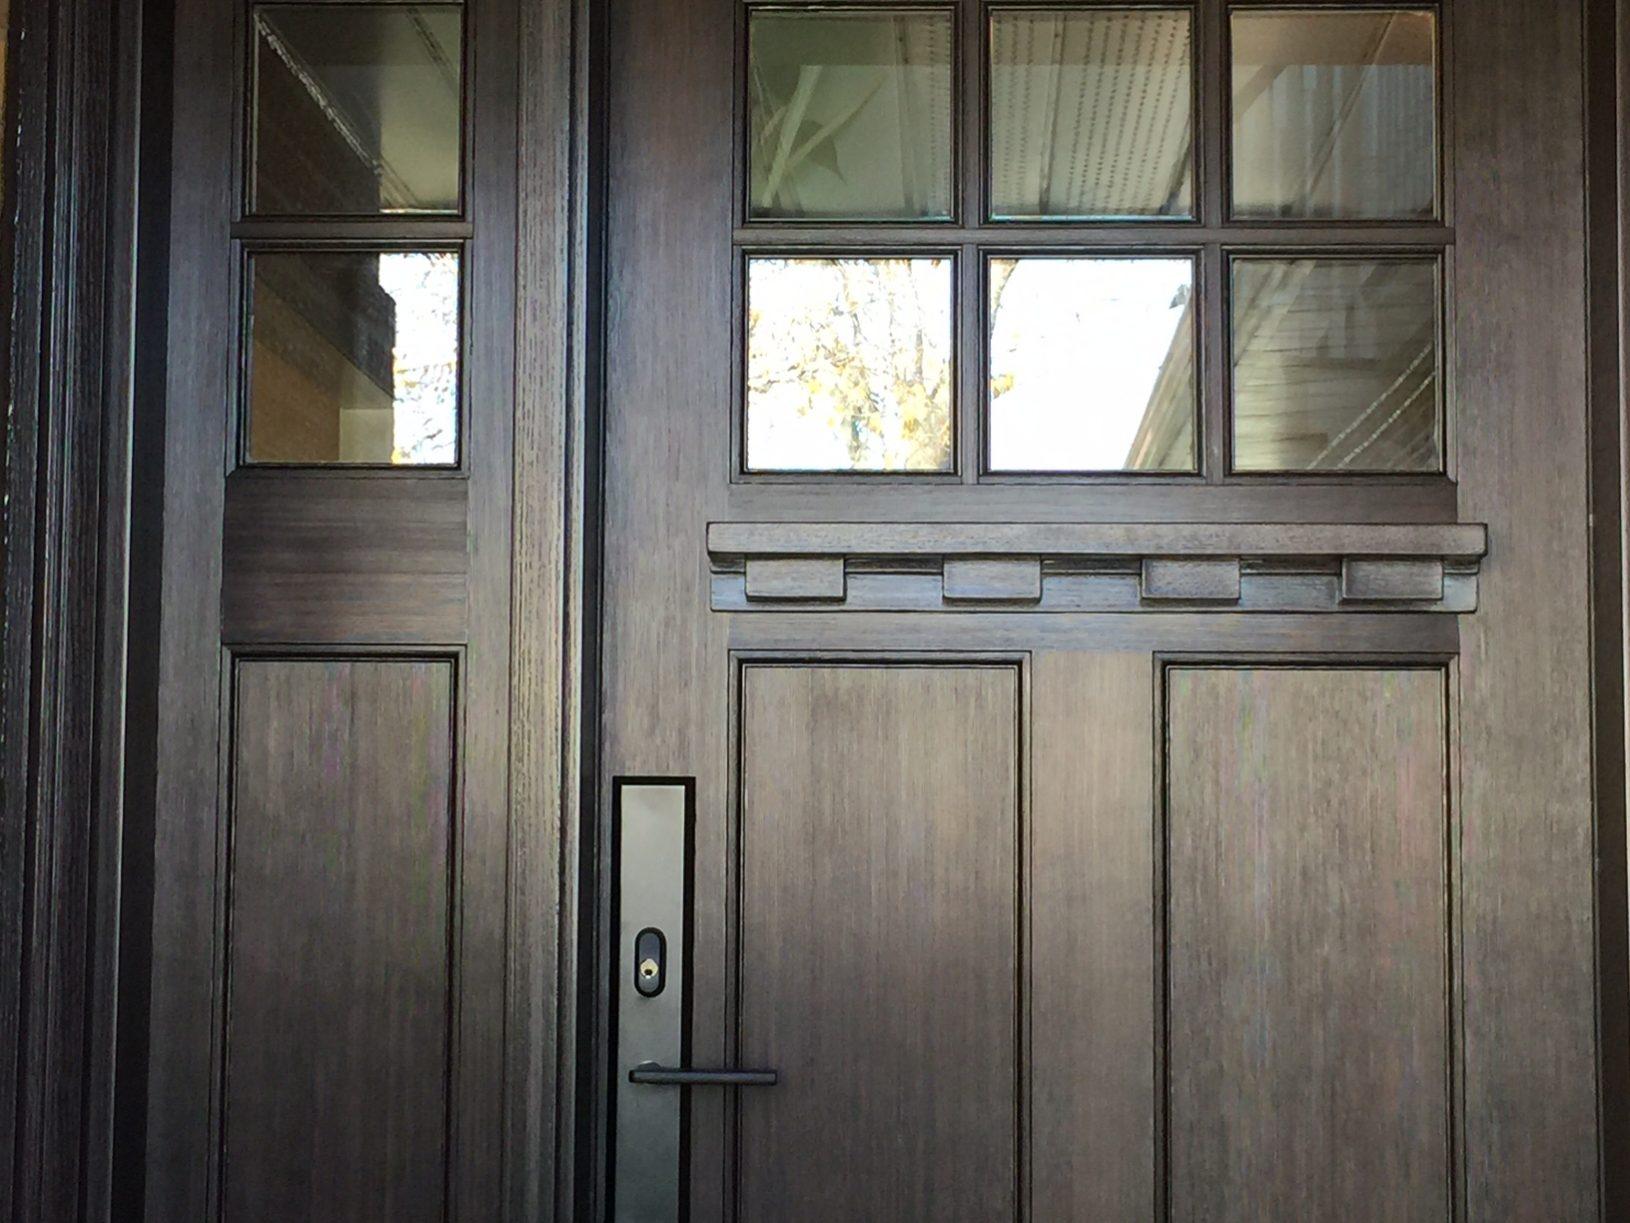 Dark wood front door with small windows